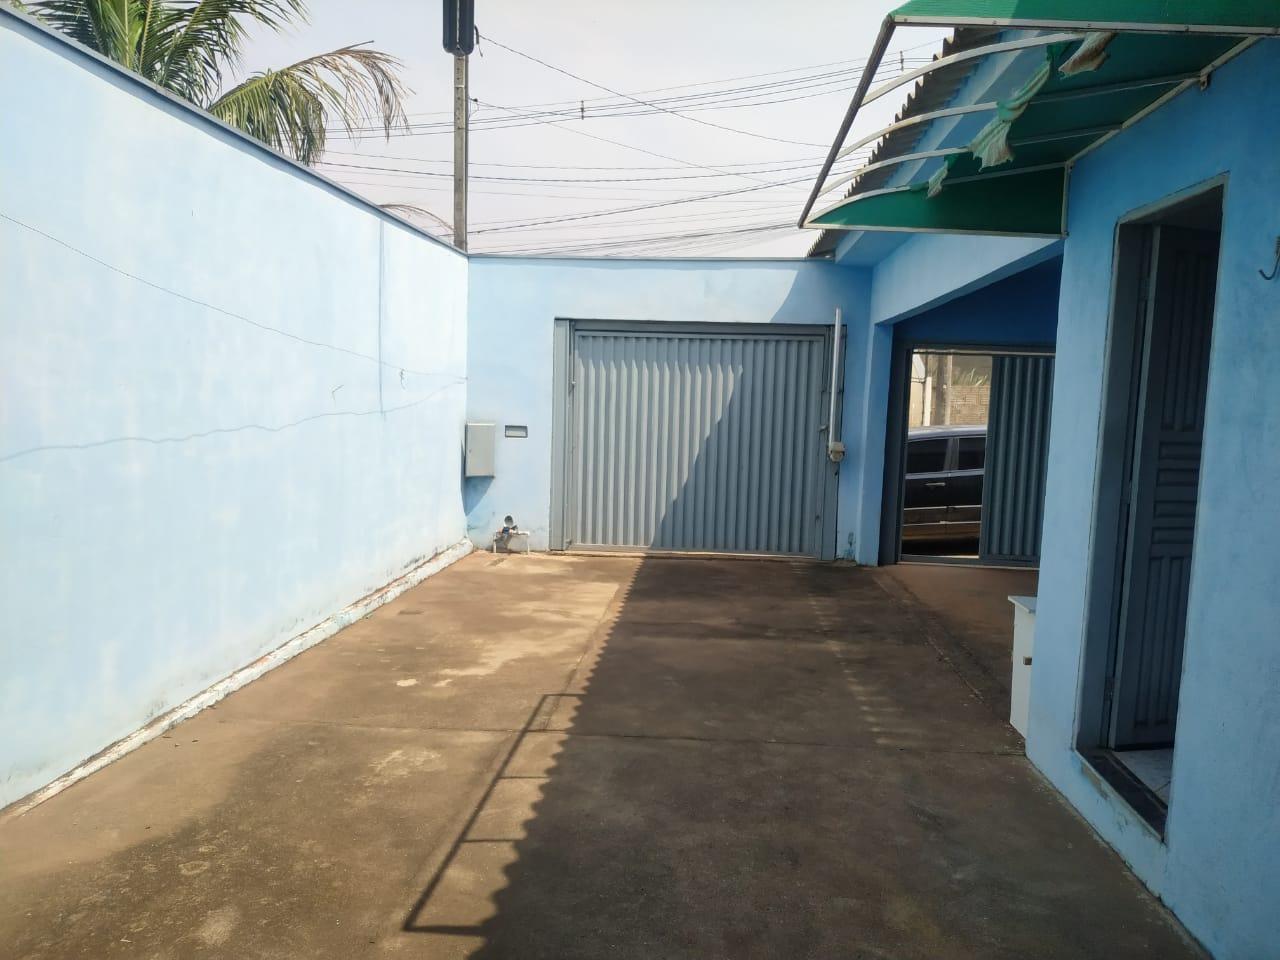 Casa para comprar, 1 quarto, 1 suíte, 3 vagas, no bairro Residencial Luiz Massud Coury em Rio das Pedras - SP